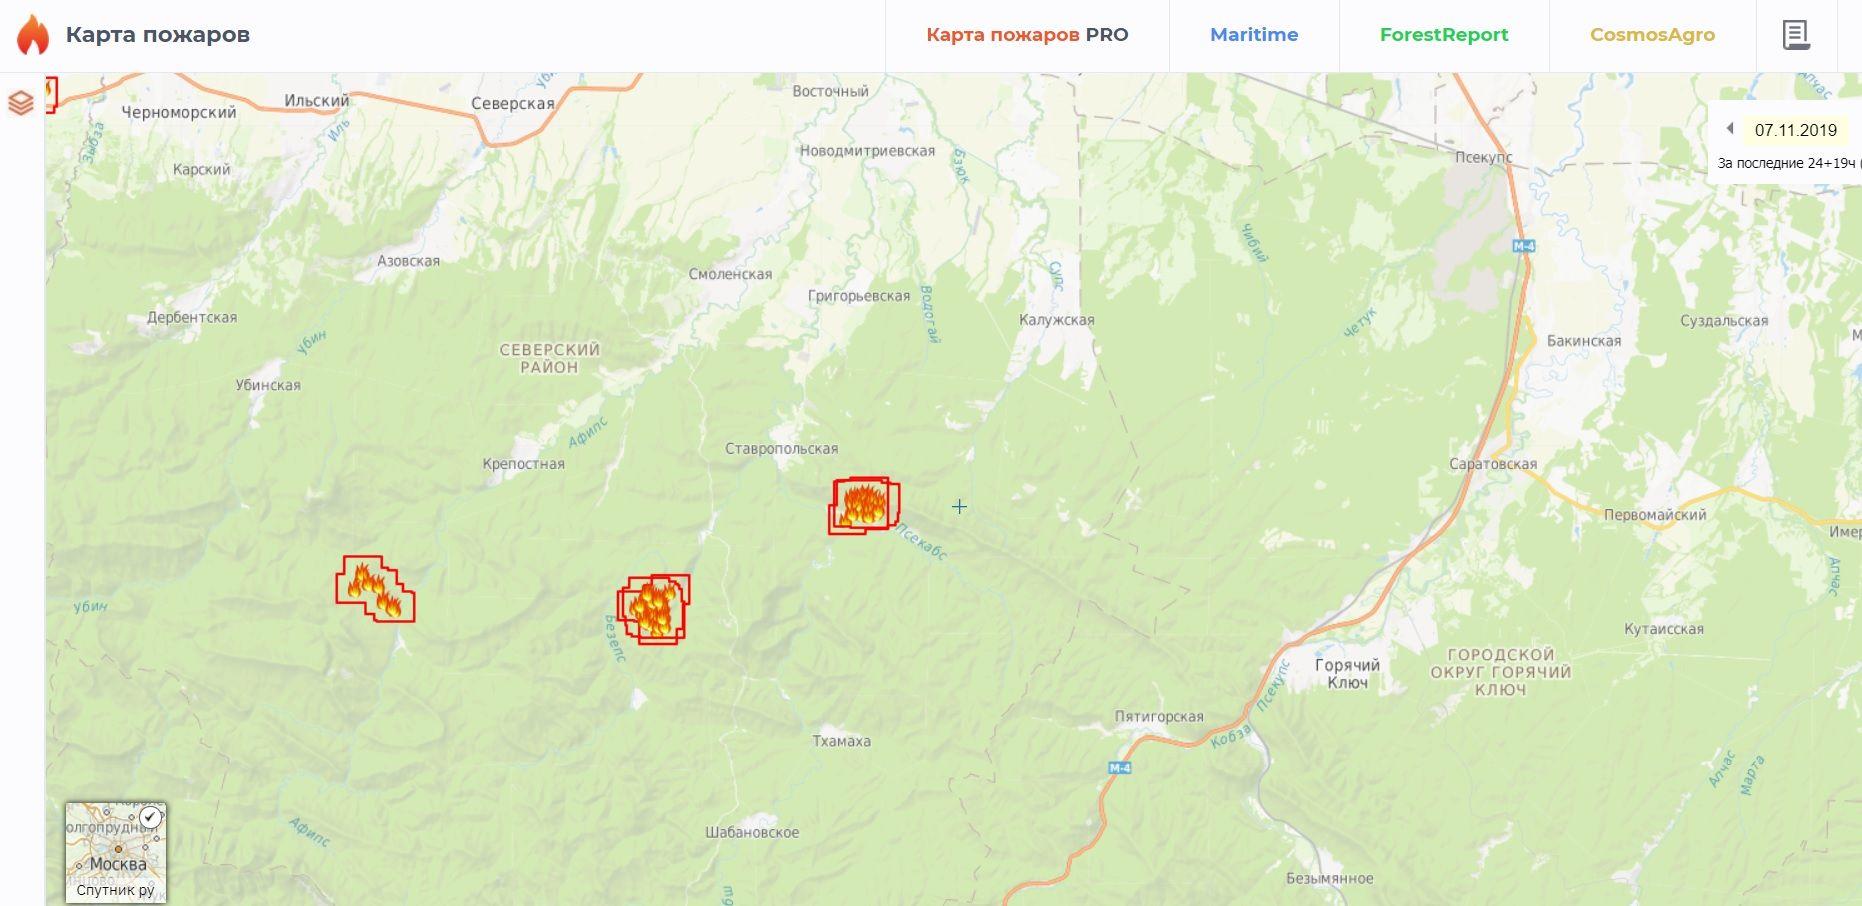 ©Скриншот сервиса «Карта пожаров»